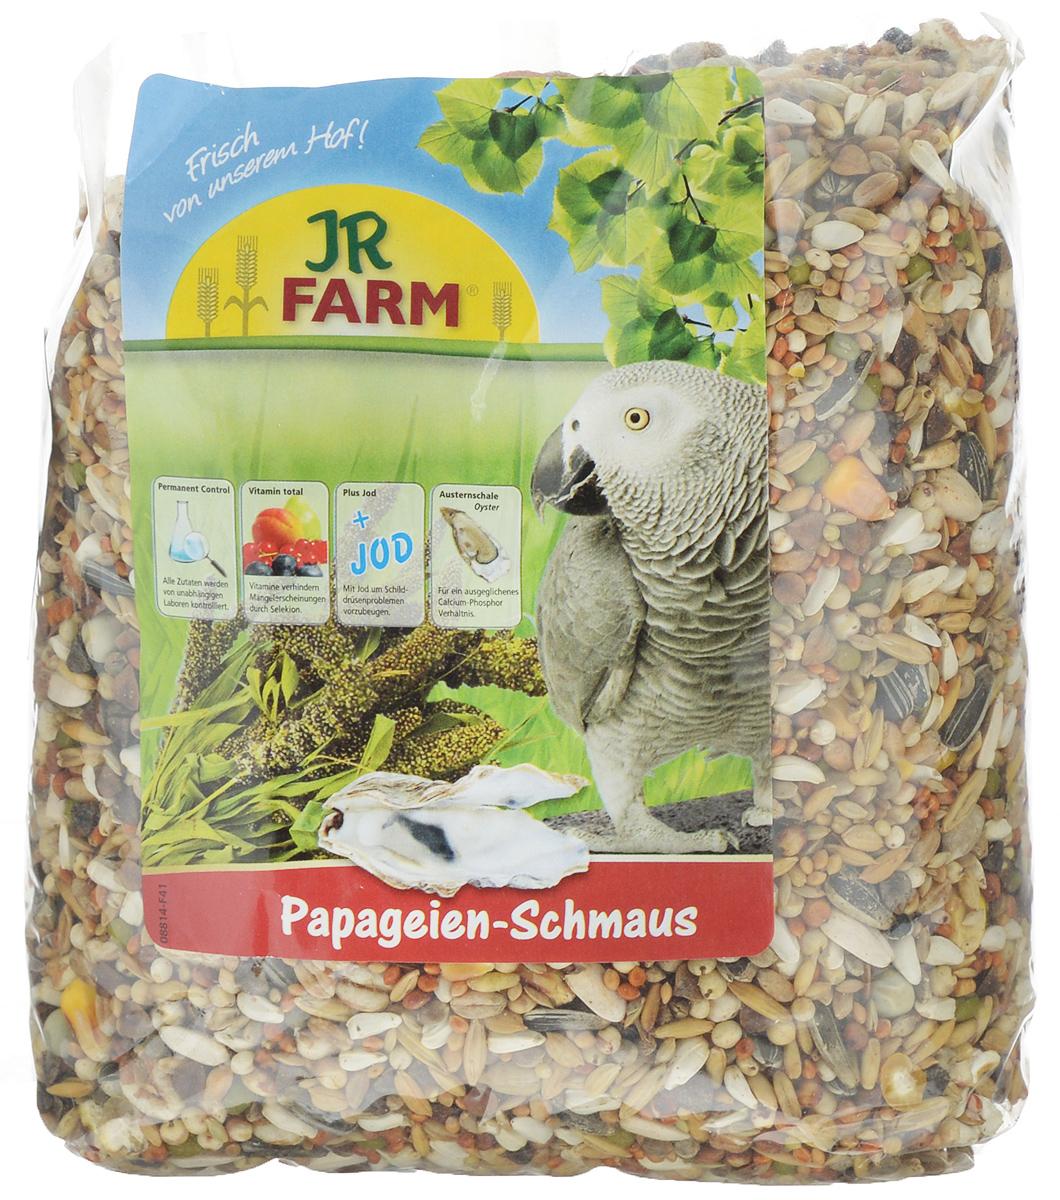 Корм для попугаев JR Farm Classic, 1 кг08400Корм JR Farm Classic - это полностью сбалансированный корм для попугаев. В состав добавлены раковины устриц для обеспечения кальций-фосфорного баланса, а также все необходимые витамины и микроэлементы. Все ингредиенты корма сбалансированы по содержанию витаминов и микроэлементов для поддержания отличного здоровья попугаев. Корм предназначен для всех африканских серых попугаев, амазонских попугаев, какаду, неразлучников и других попугаев. Рекомендации по кормлению: ежедневно насыпайте корм в количестве 5% от массы тела птицы. Состав: кардиган, сорго обыкновенное, полосатые семена подсолнечника, Манна просо, канареечное семя, Ла Плат просо, зерно, гречневая крупа, Мило, пшеница, рис Пэдди, плющеный овес, семя конопли, бобы, белые семена подсолнечника, овес неочищенный, горох, шиповник, раковины устрицы (2%), воздушная пшеница, тыквенные семена. Основной анализ: белки 13,8 %, жиры 13,3 %, клетчатка 5,9 %, зола 4,5 %, влажность 10,3 %, кальций 0,9 %,...